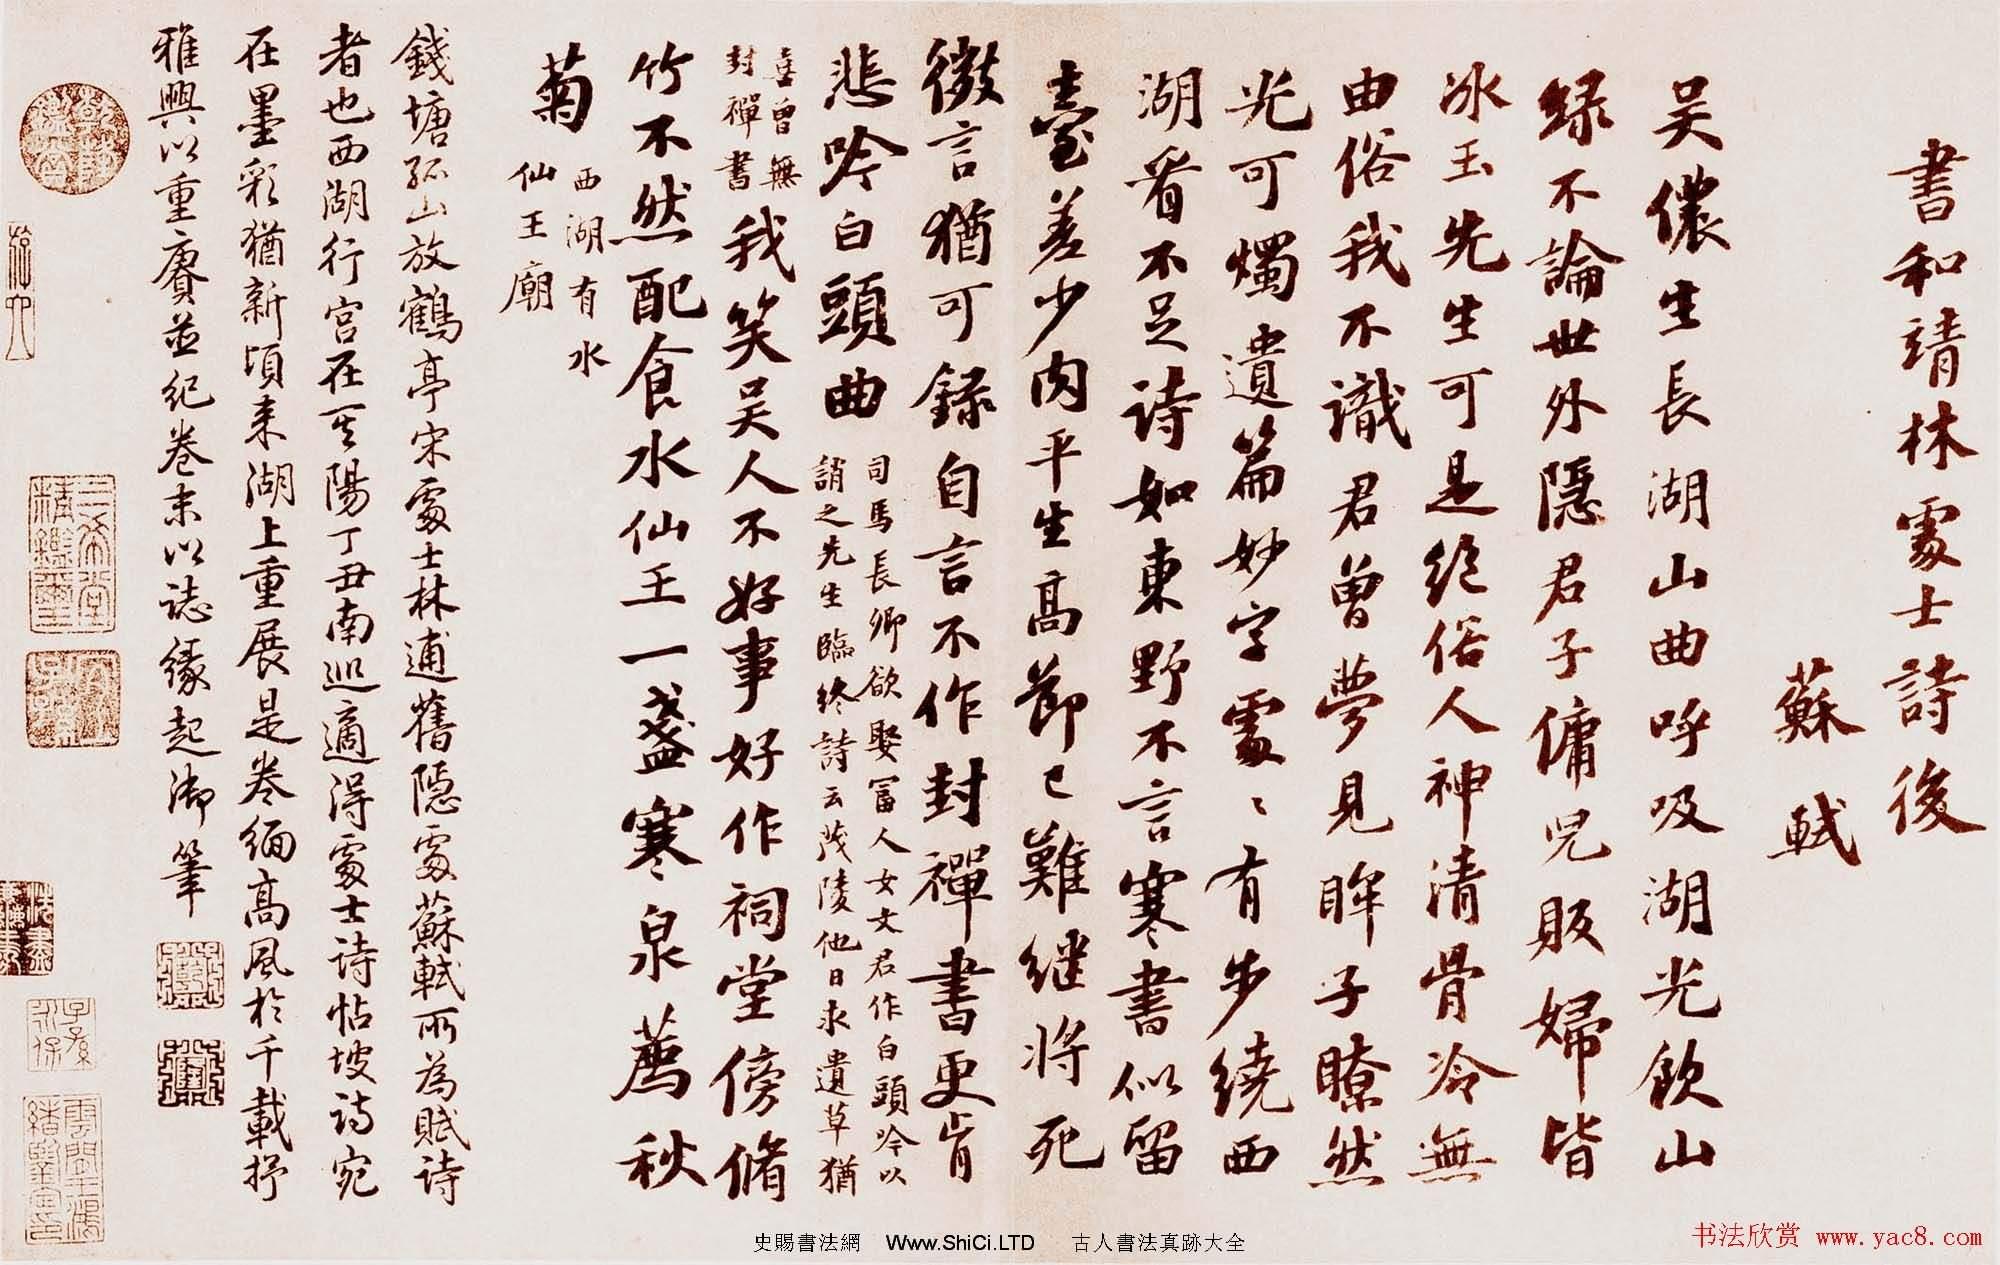 蘇軾書法墨跡真跡欣賞《書林逋詩後》(共3張圖片)